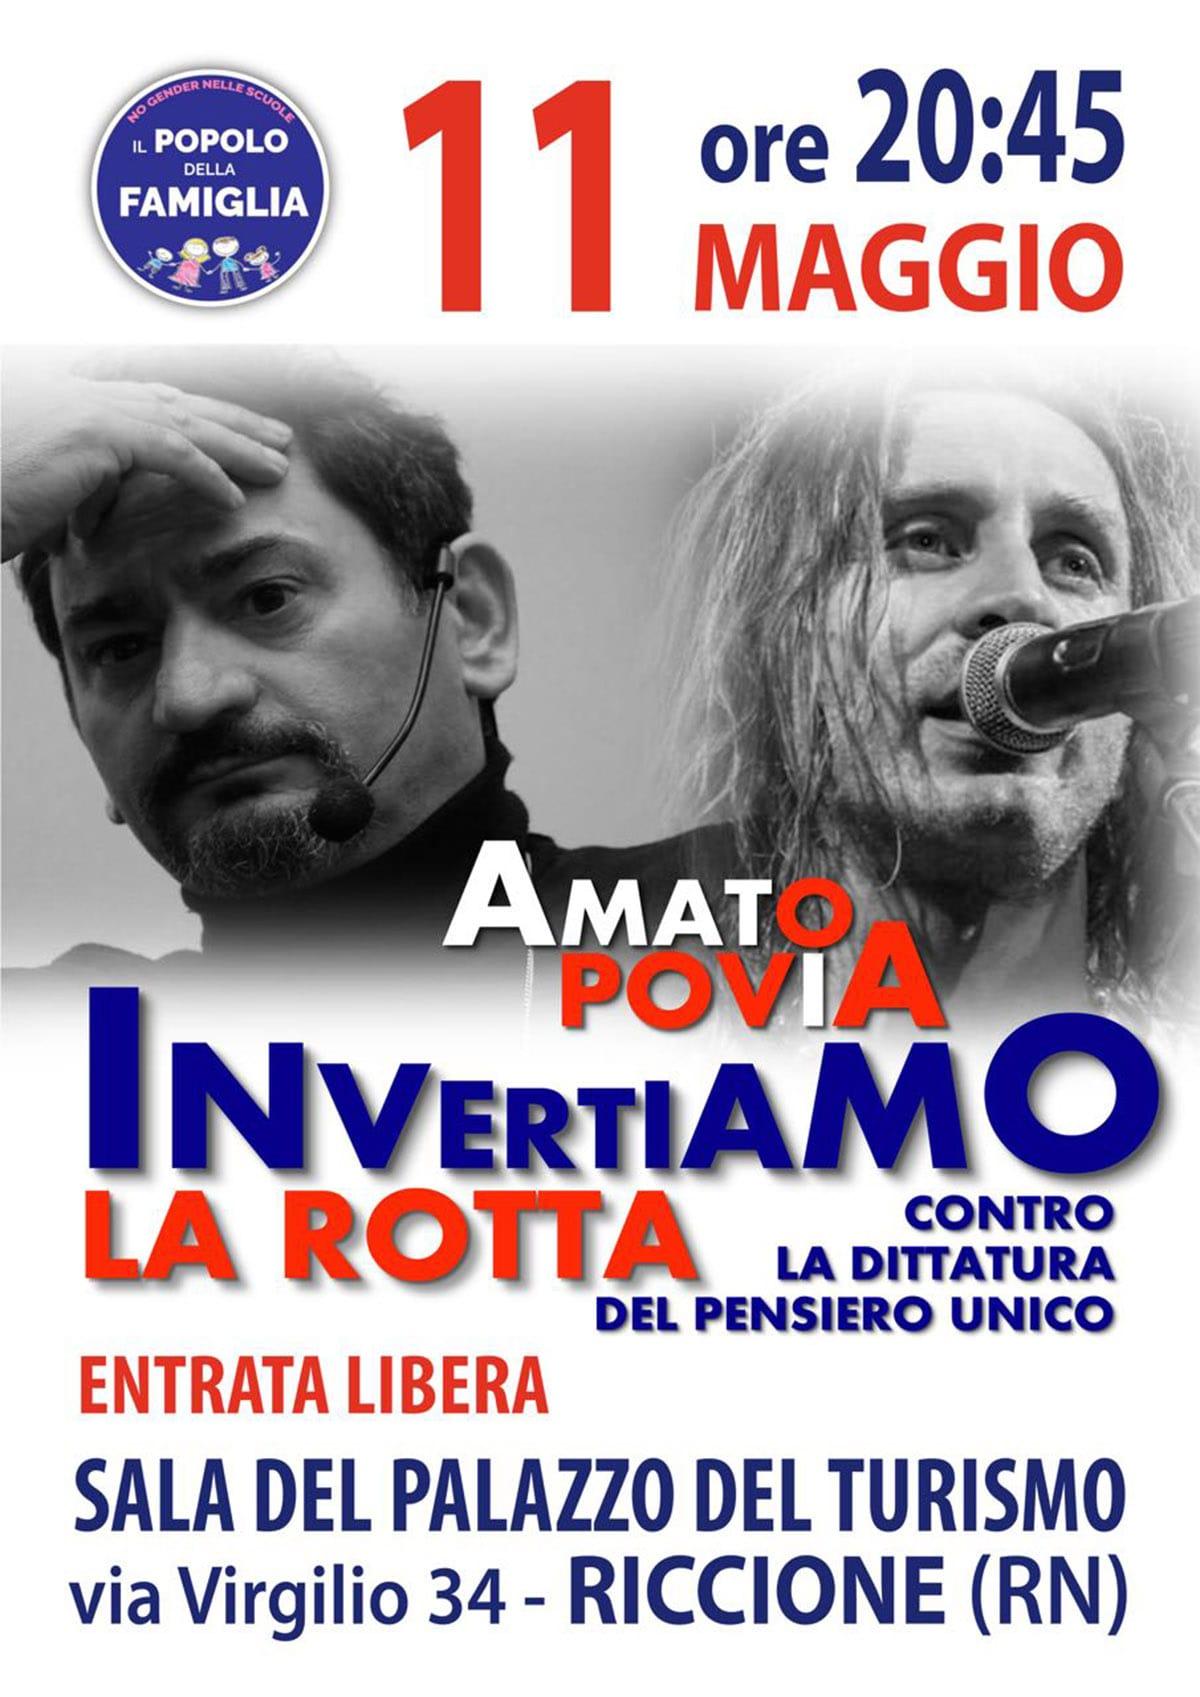 """Povia e Amato a Riccione: """"Contro la dittatura del pensiero unico"""""""